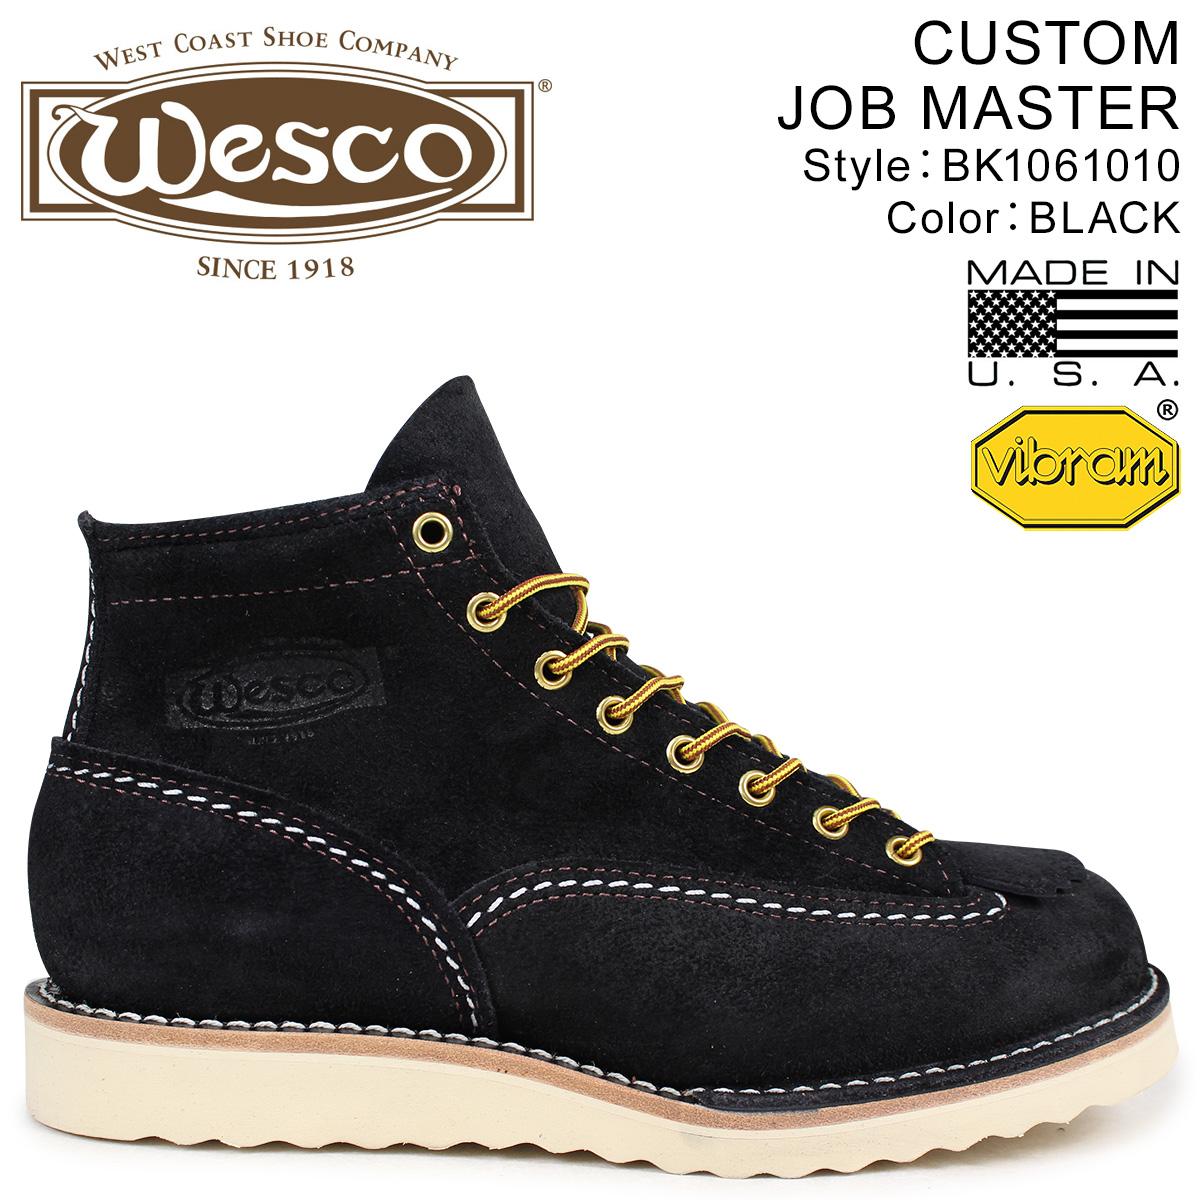 WESCO ジョブマスター ウエスコ ブーツ 6インチ カスタム 6INCH CUSTOM JOB MASTER Eワイズ スエード メンズ ブラック 黒 BK1061010 ウェスコ